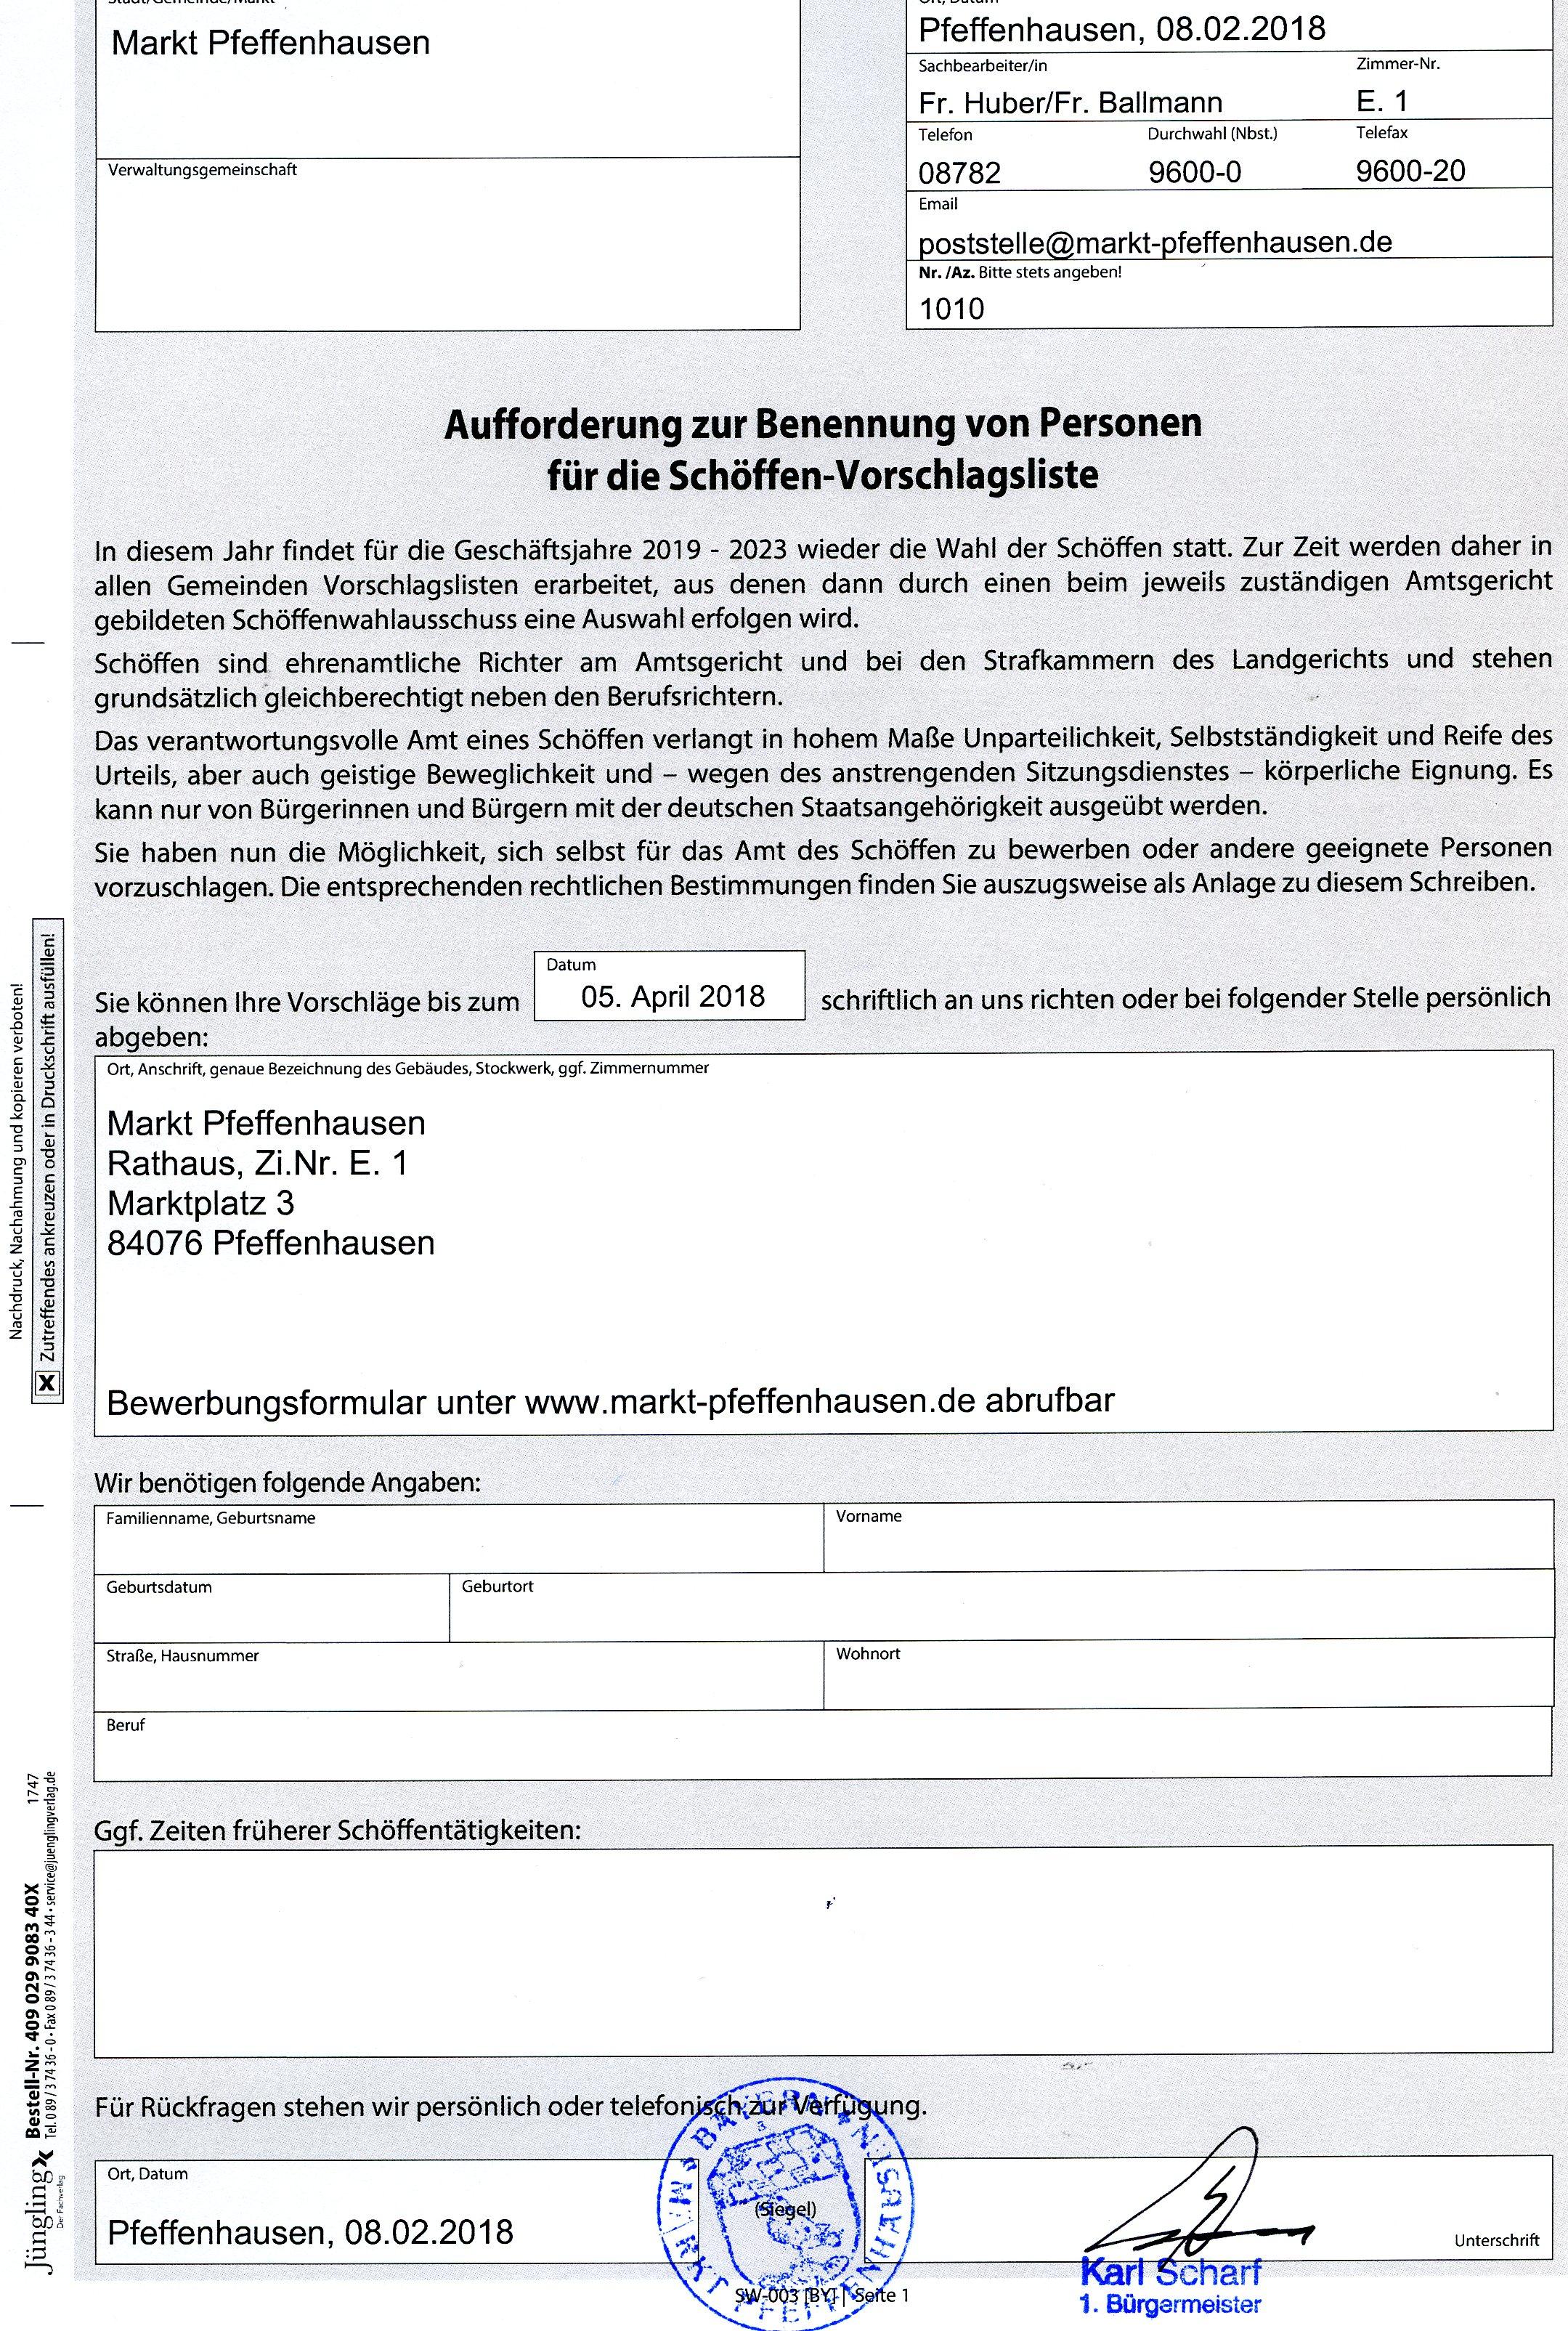 Ausgezeichnet Kampagnenmonitor Vorlagen Kostenlos Bilder - Entry ...